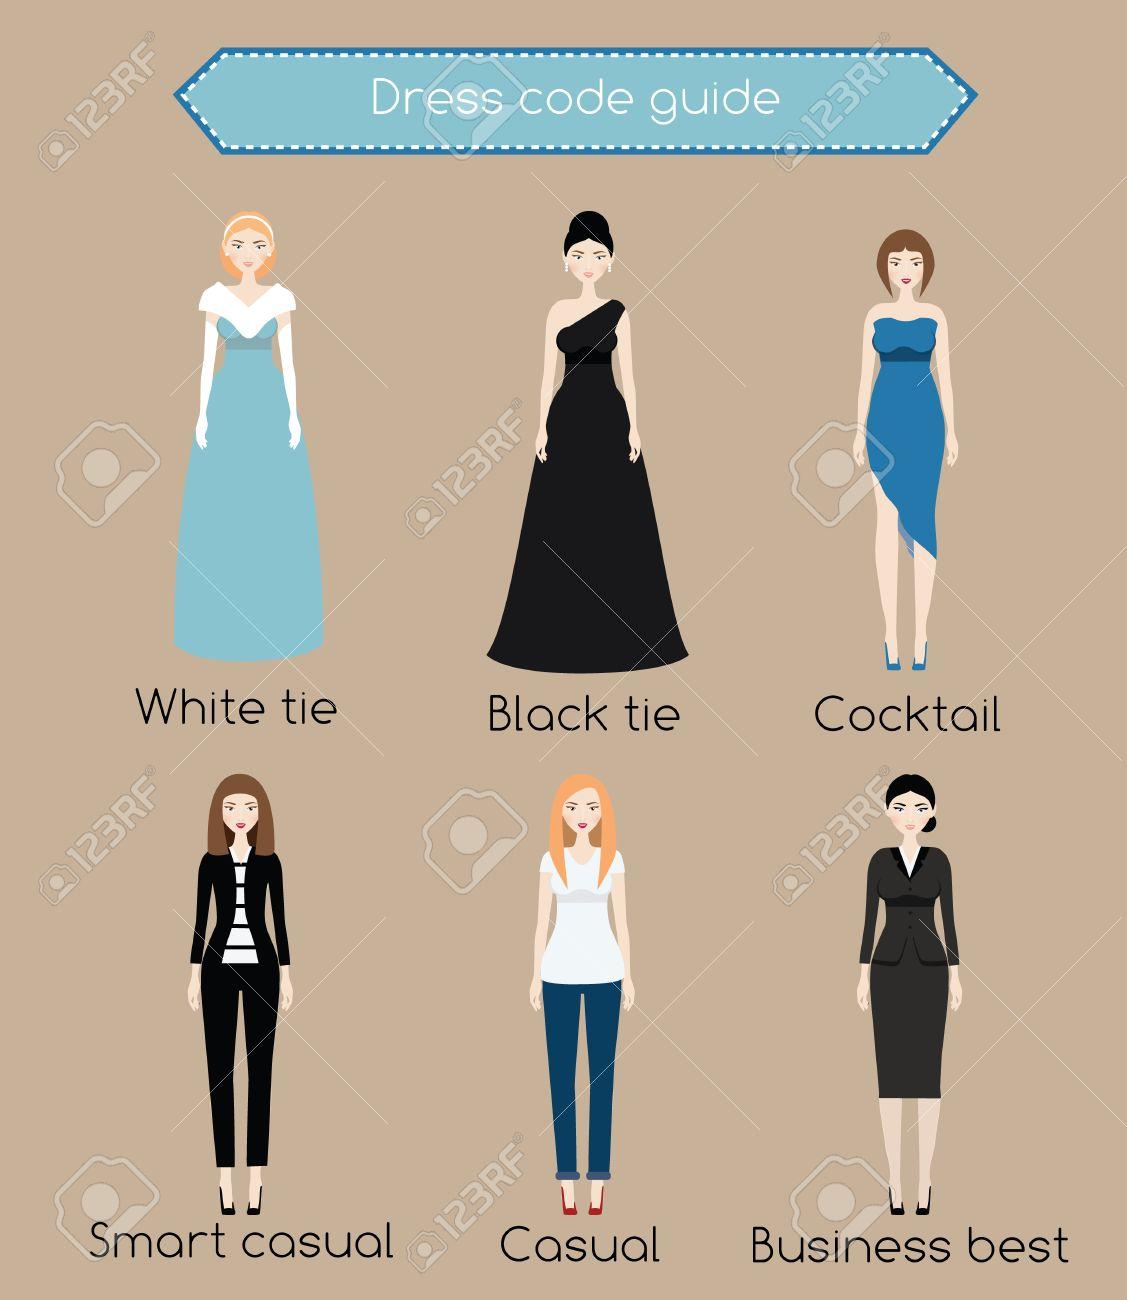 f513196e5 Foto de archivo - Vestido de la mujer guía código de infografía. Desde el  lazo blanco de negocios informal. Mujer en diferentes tipos de vestir y ropa